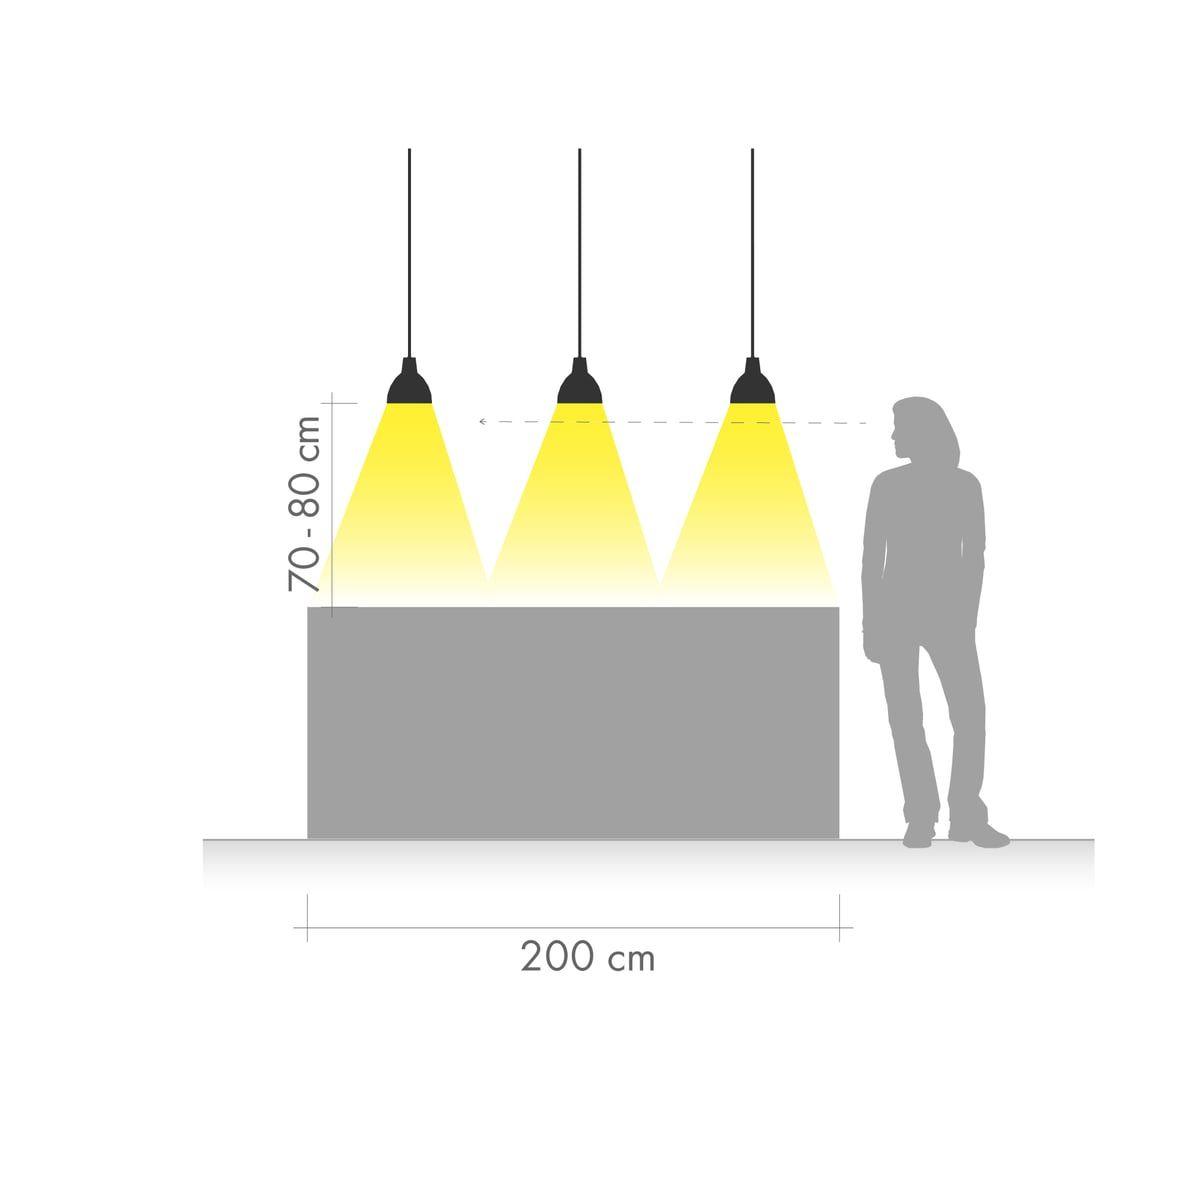 Kuchenbeleuchtung Ratgeber Connox Shop In 2020 Lampe Kuche Kuchenbeleuchtung Beleuchtung